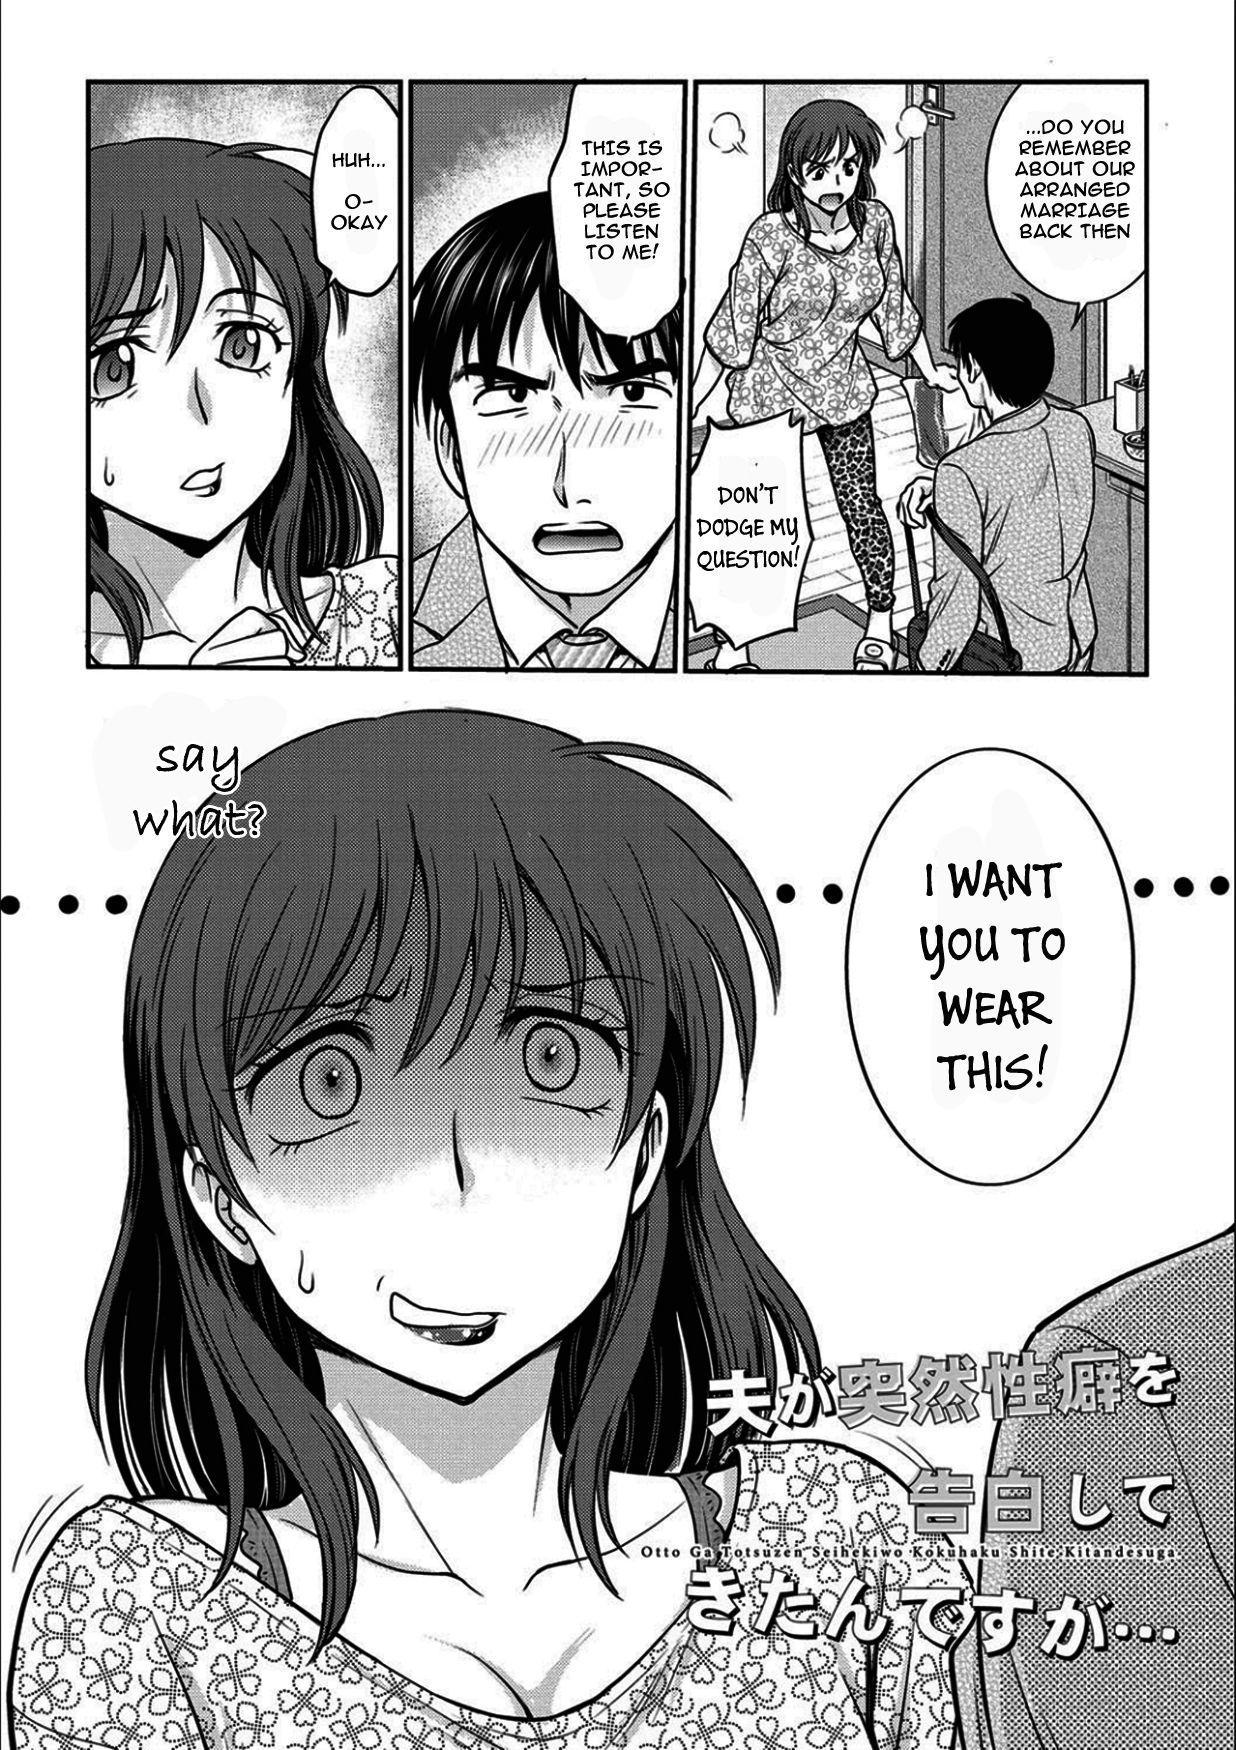 Otto ga Totsuzen Seiheki wo Kokuhaku Shite Kita ndesu ga... | My Hubby Suddenly Told Me His Fetish... 1